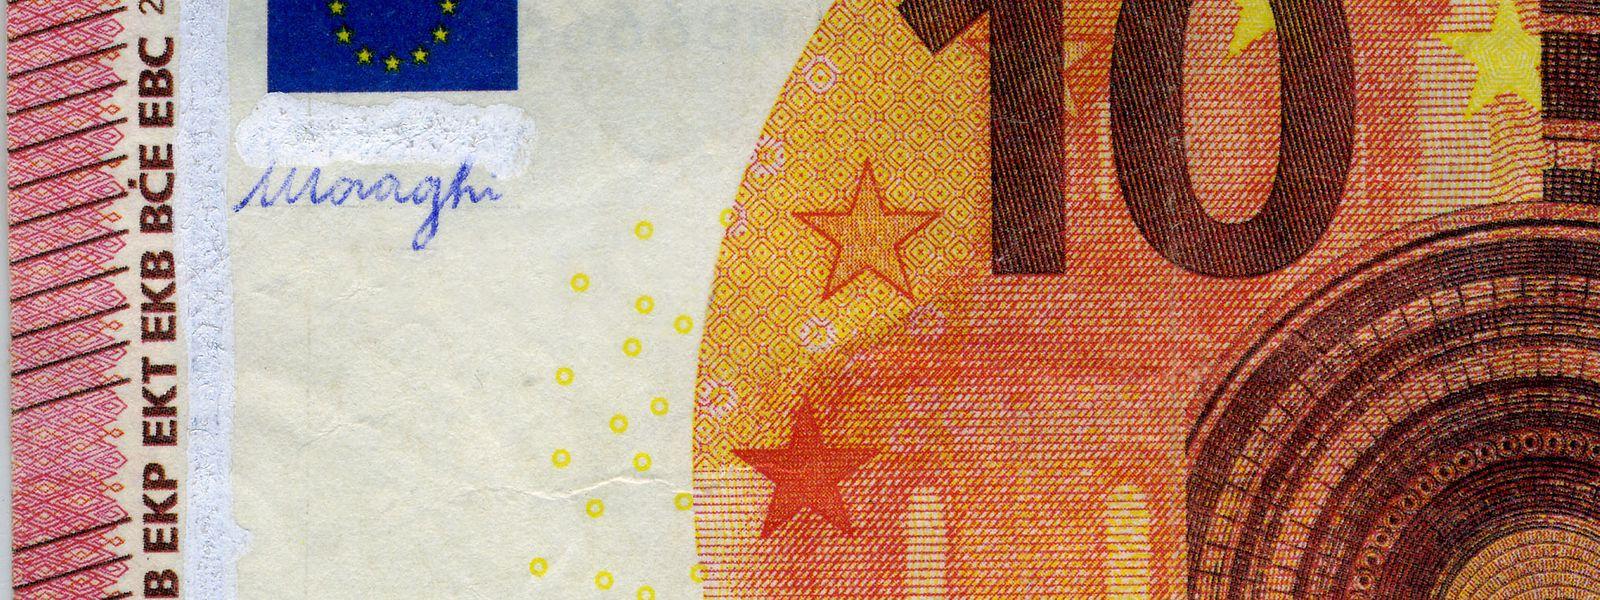 """Die Fälscher haben den Schriftzug """"Movie Money"""" auf diesem Spielgeld mit Tipp-Ex überdeckt und die Unterschrift des ehemaligen EZB-Präsidenten Mario Draghi aufgebracht, um den Schein echter wirken zu lassen."""